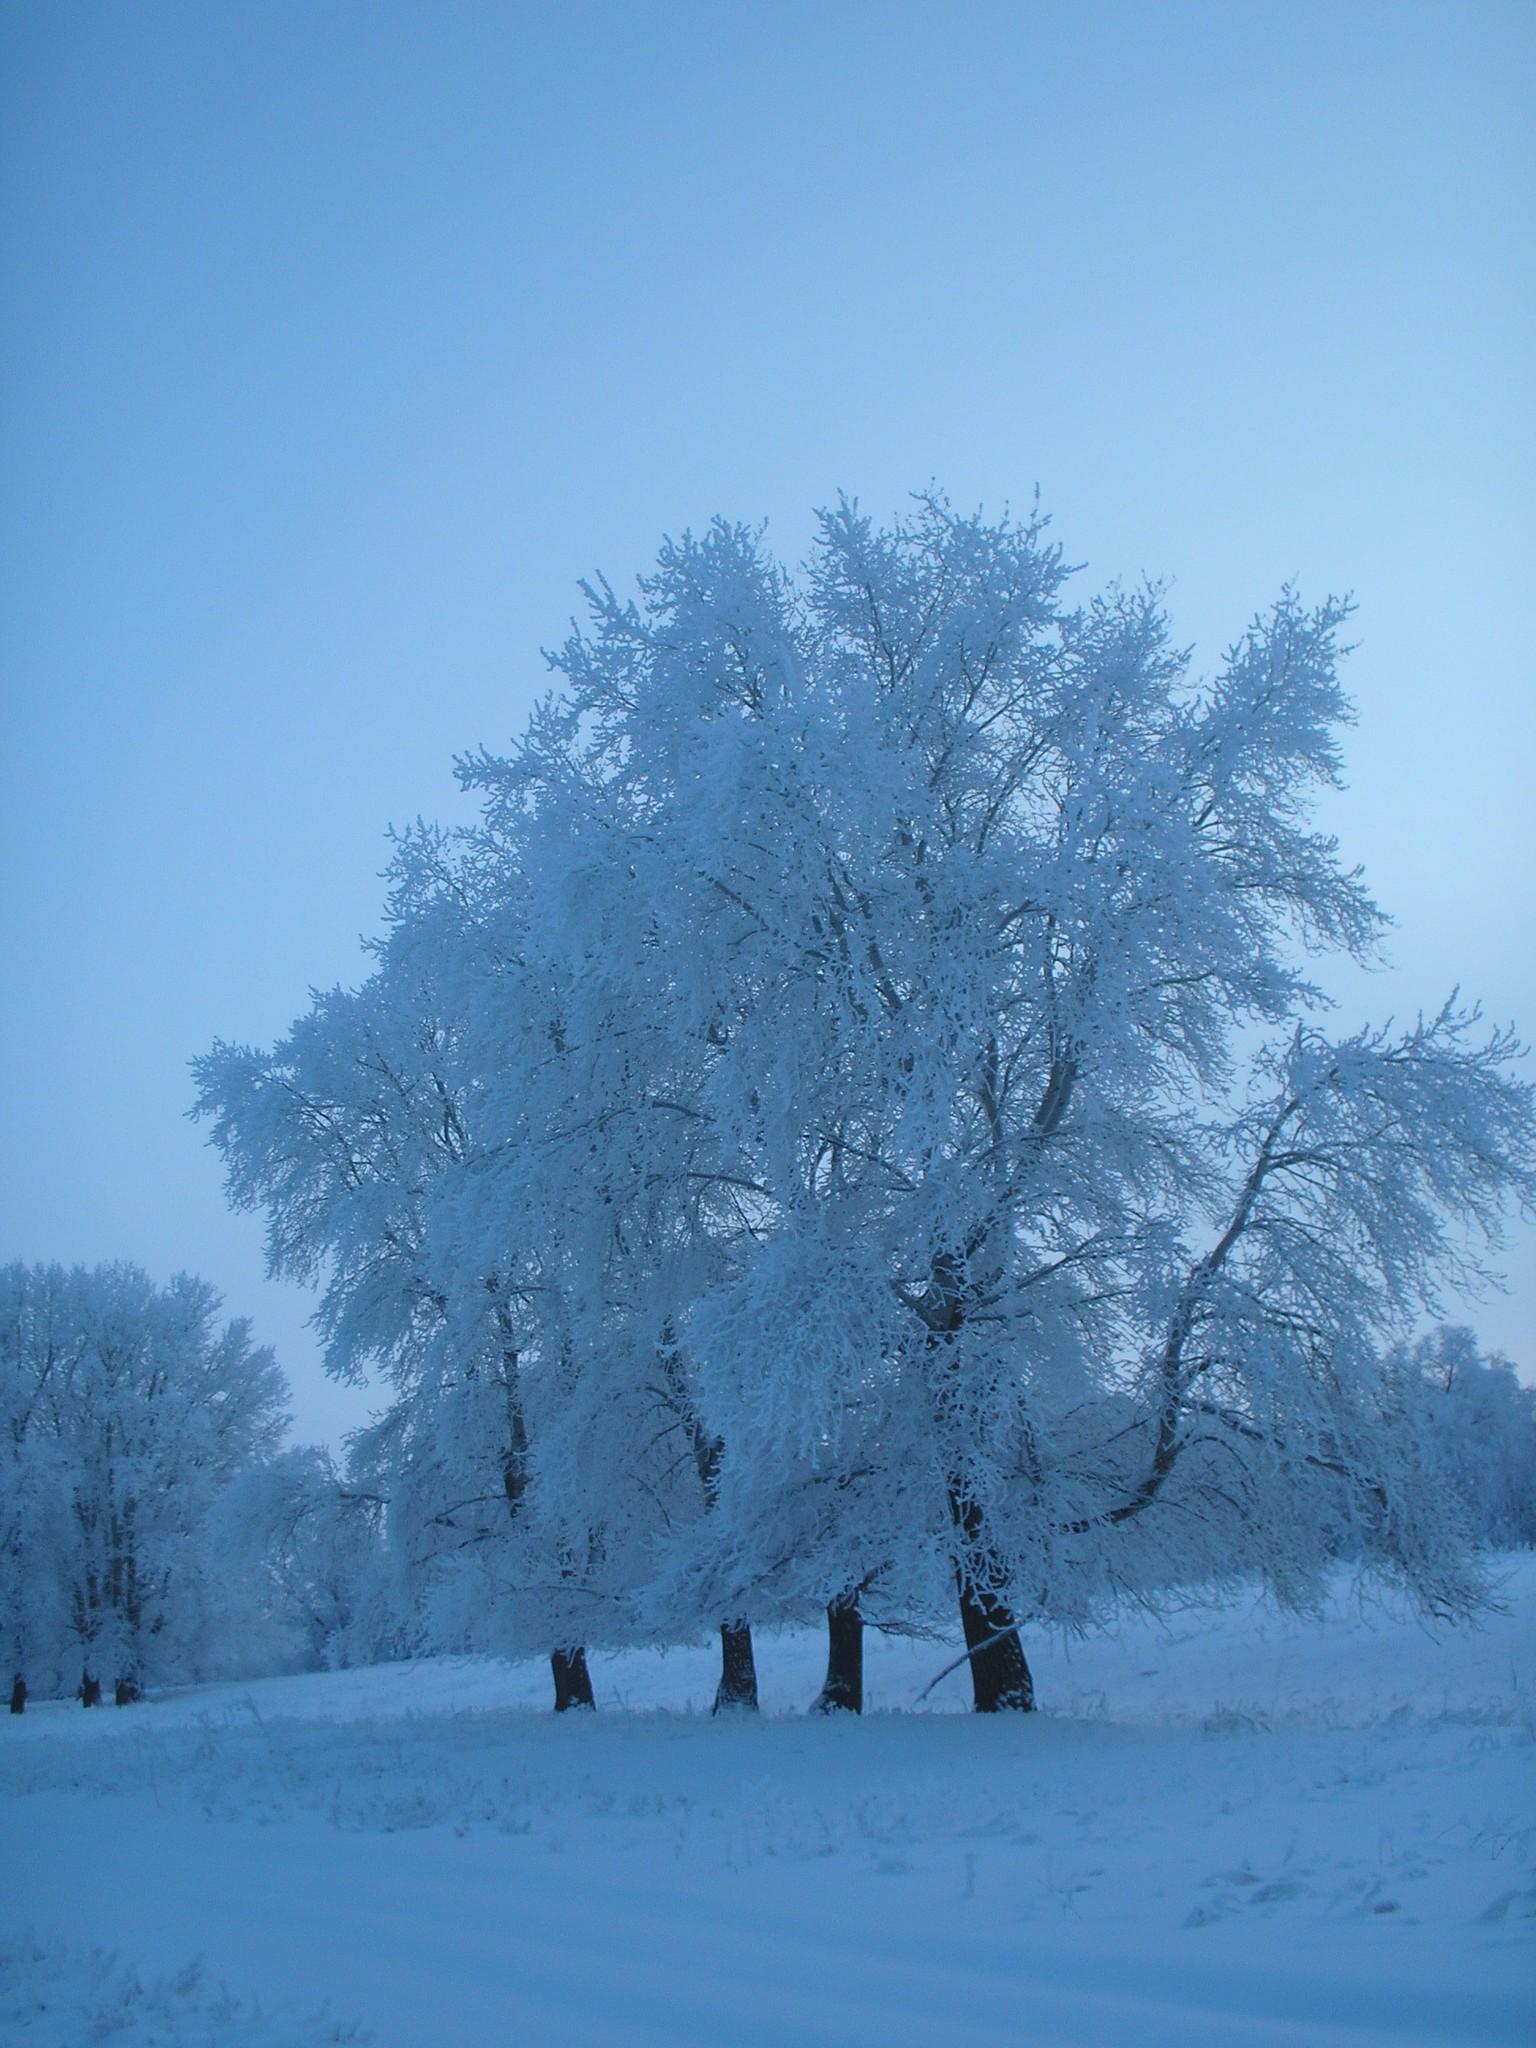 зимнее лето картинки знаю какой раздел